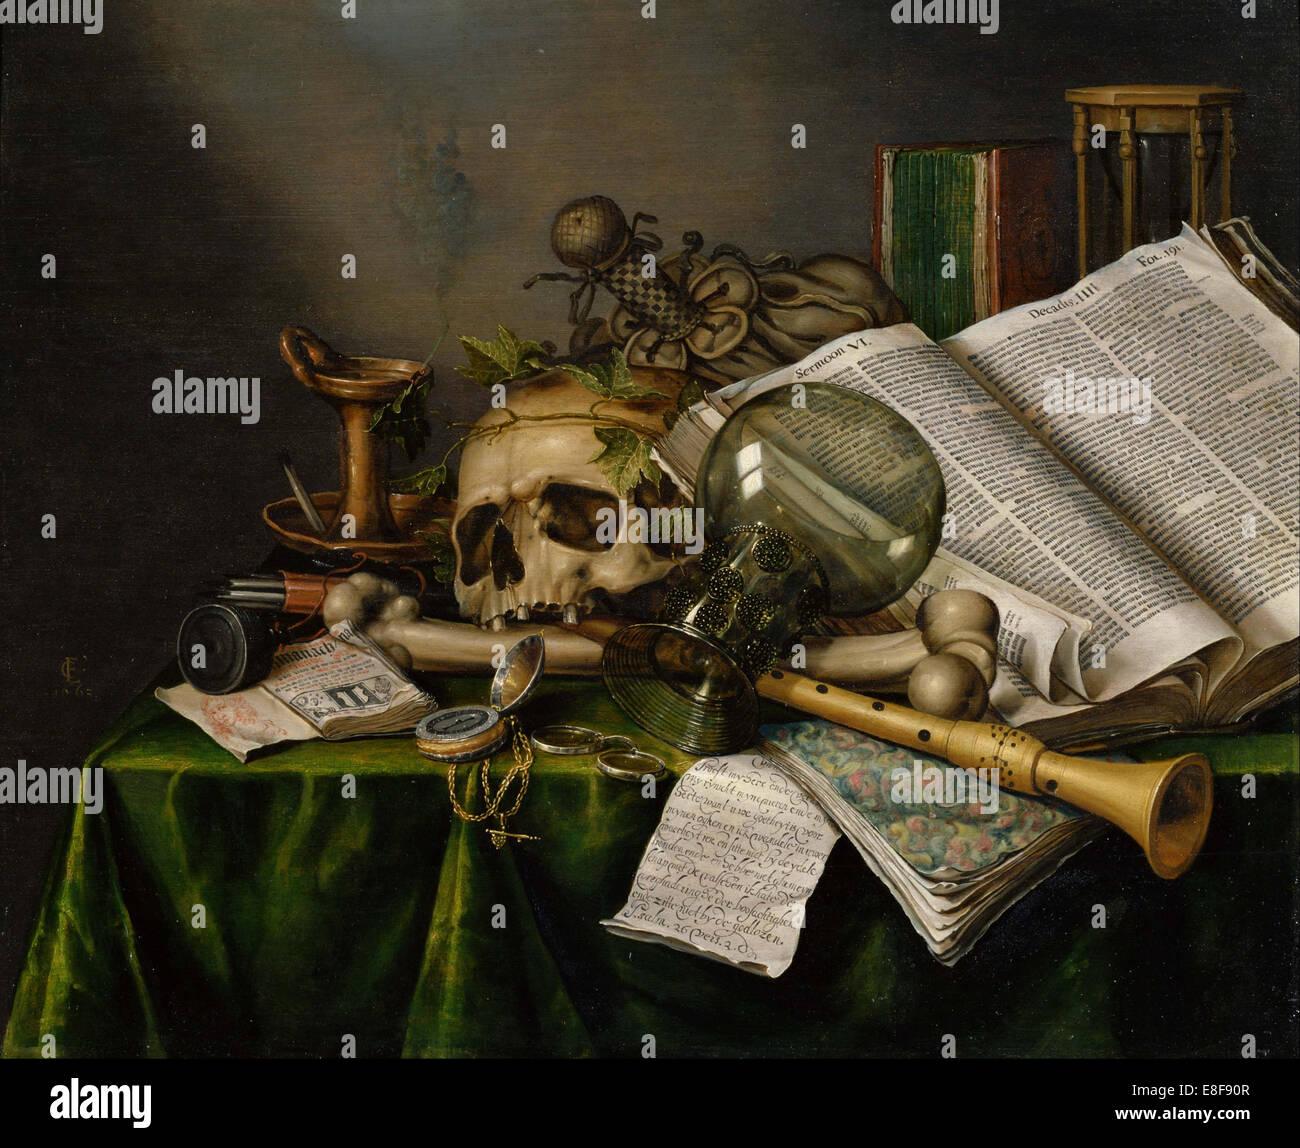 Vanitas. Natura morta con libri, manoscritti e un cranio. Artista: Collier, Edward (attivo 1662-1708) Immagini Stock